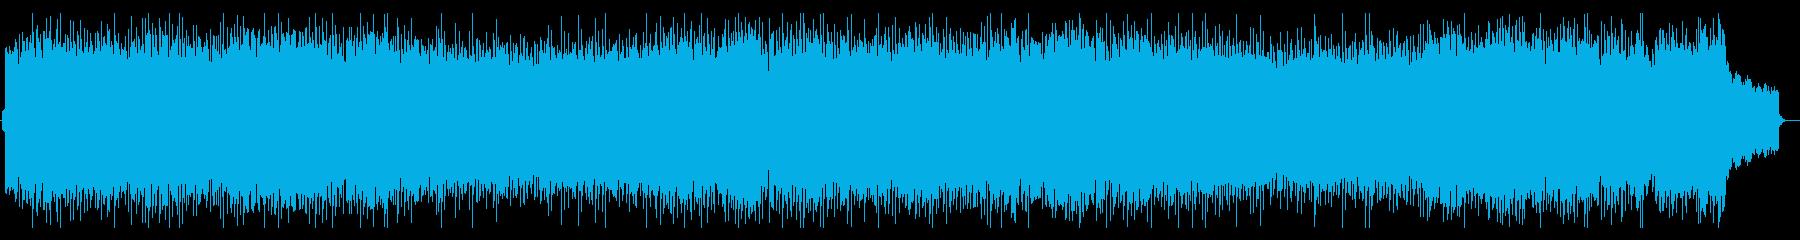 海岸線のドライブデートの再生済みの波形